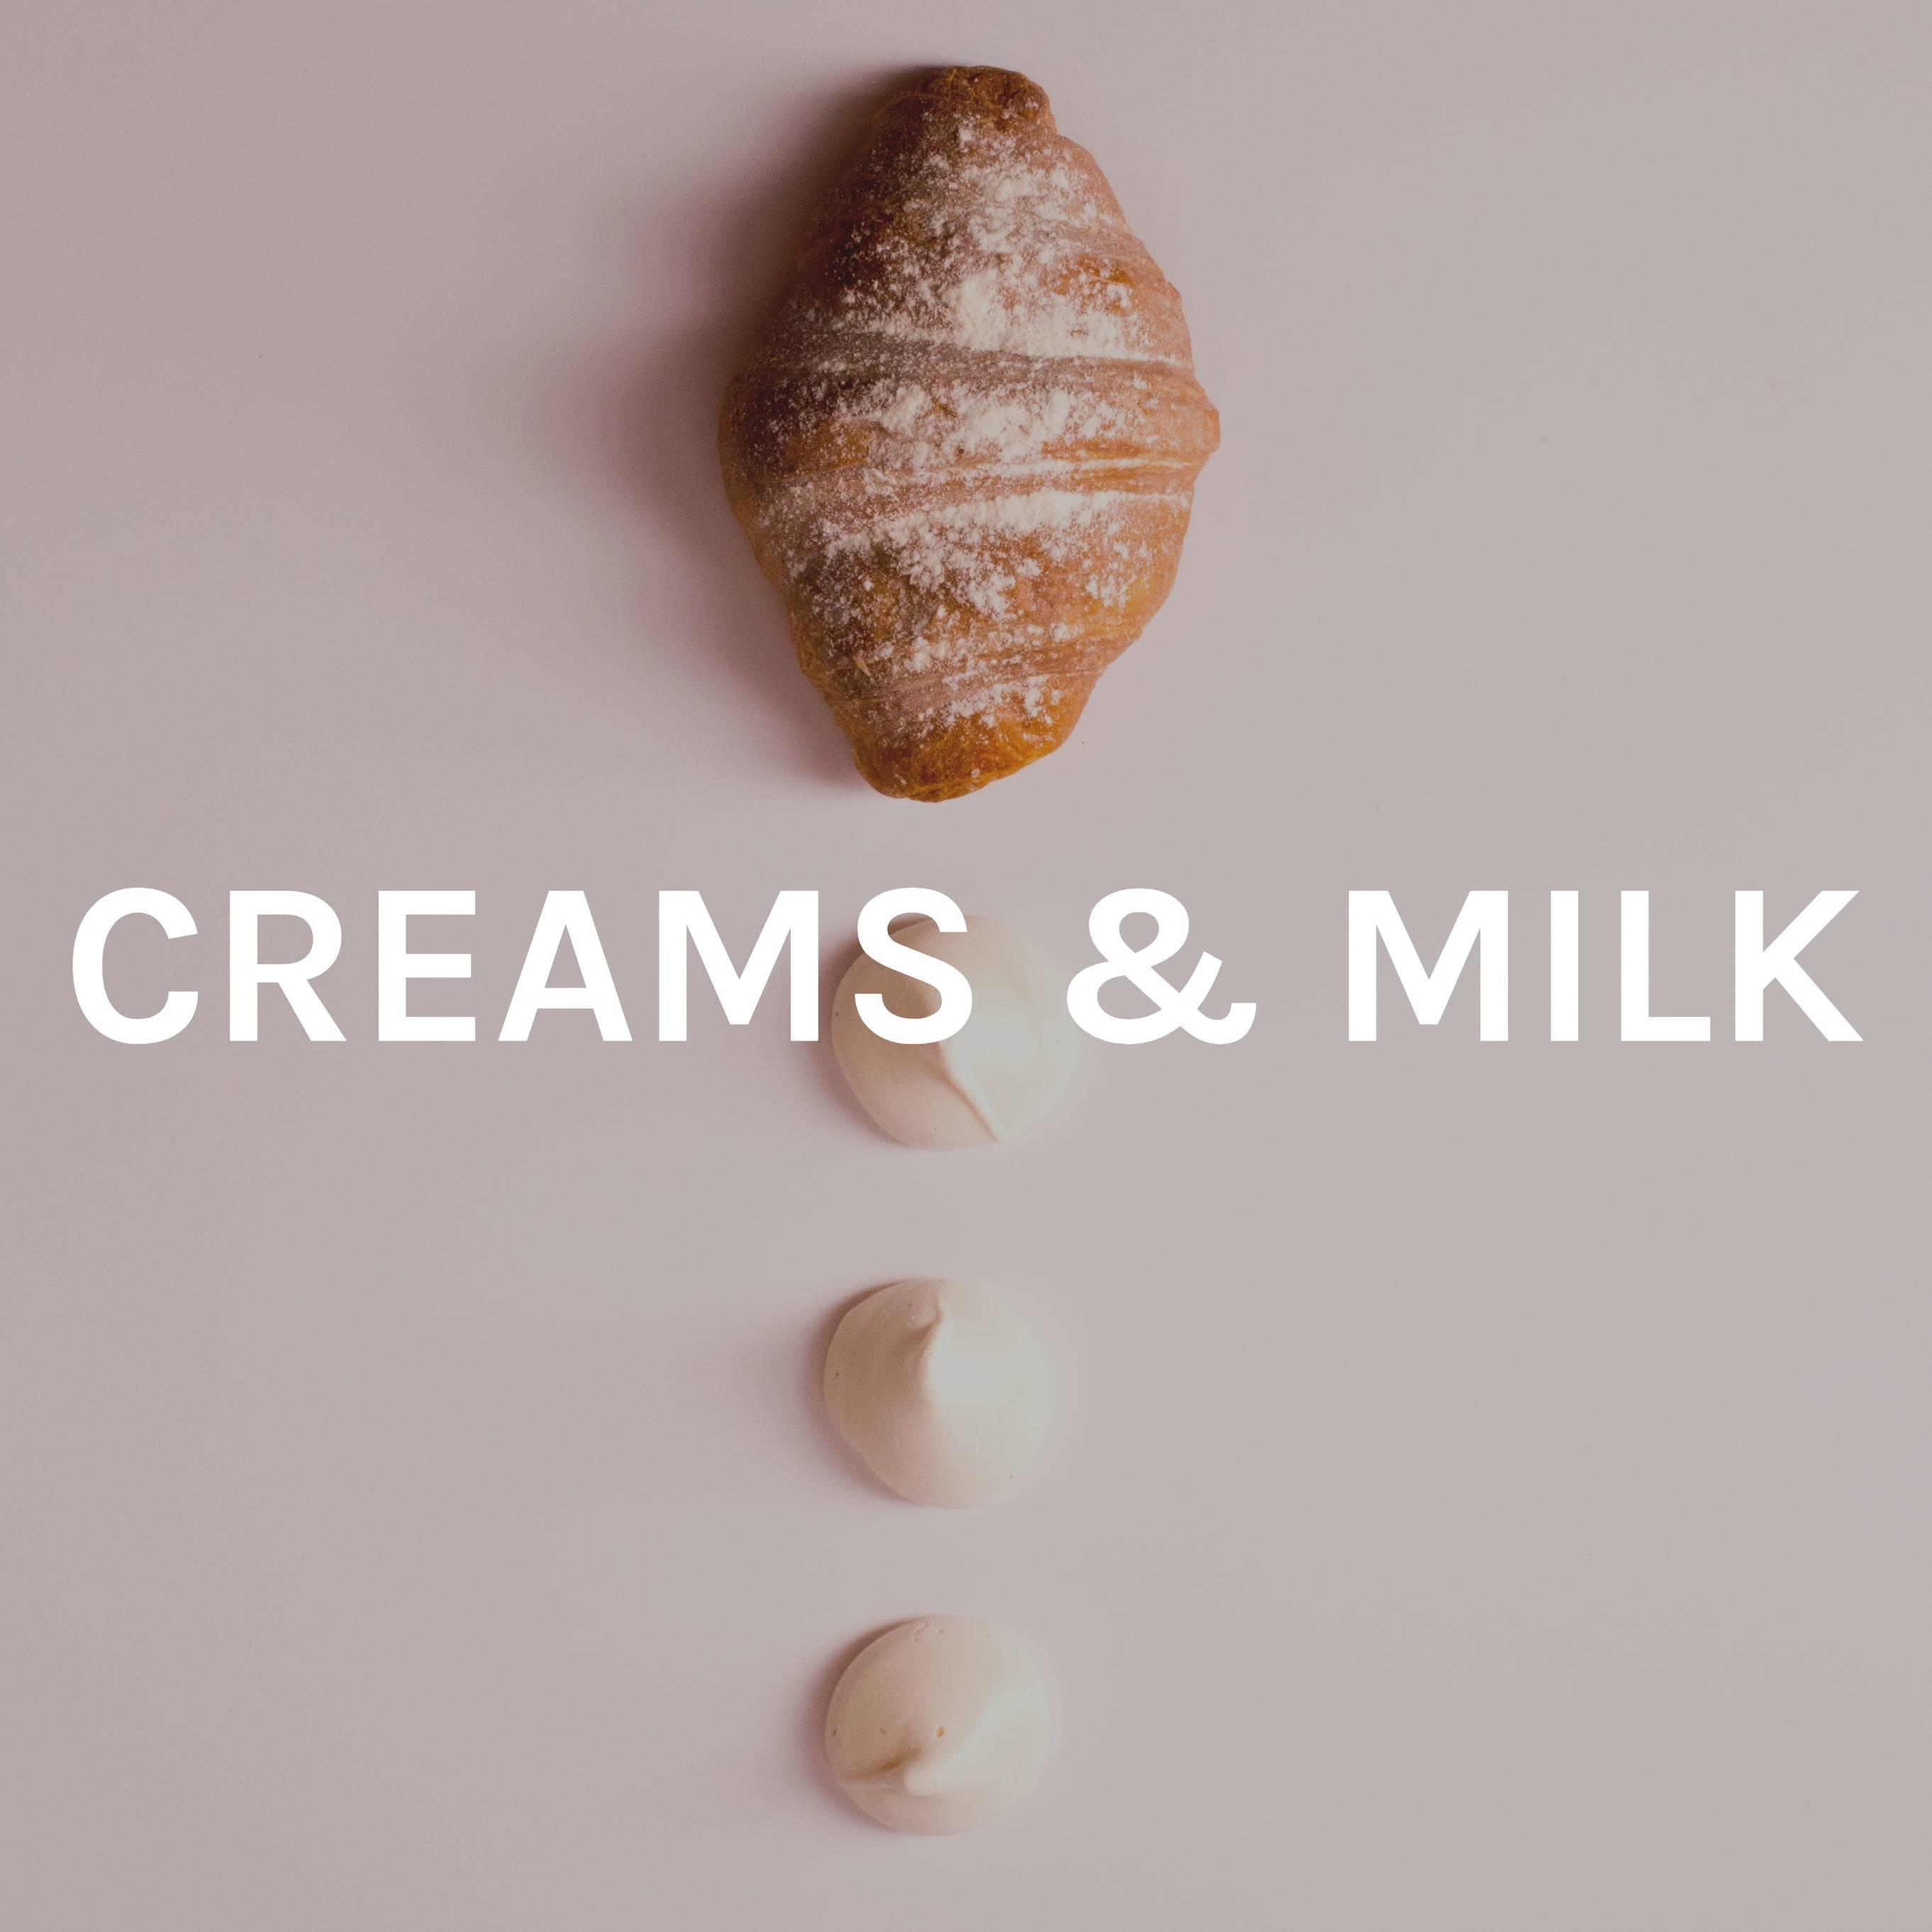 Creams & Milk